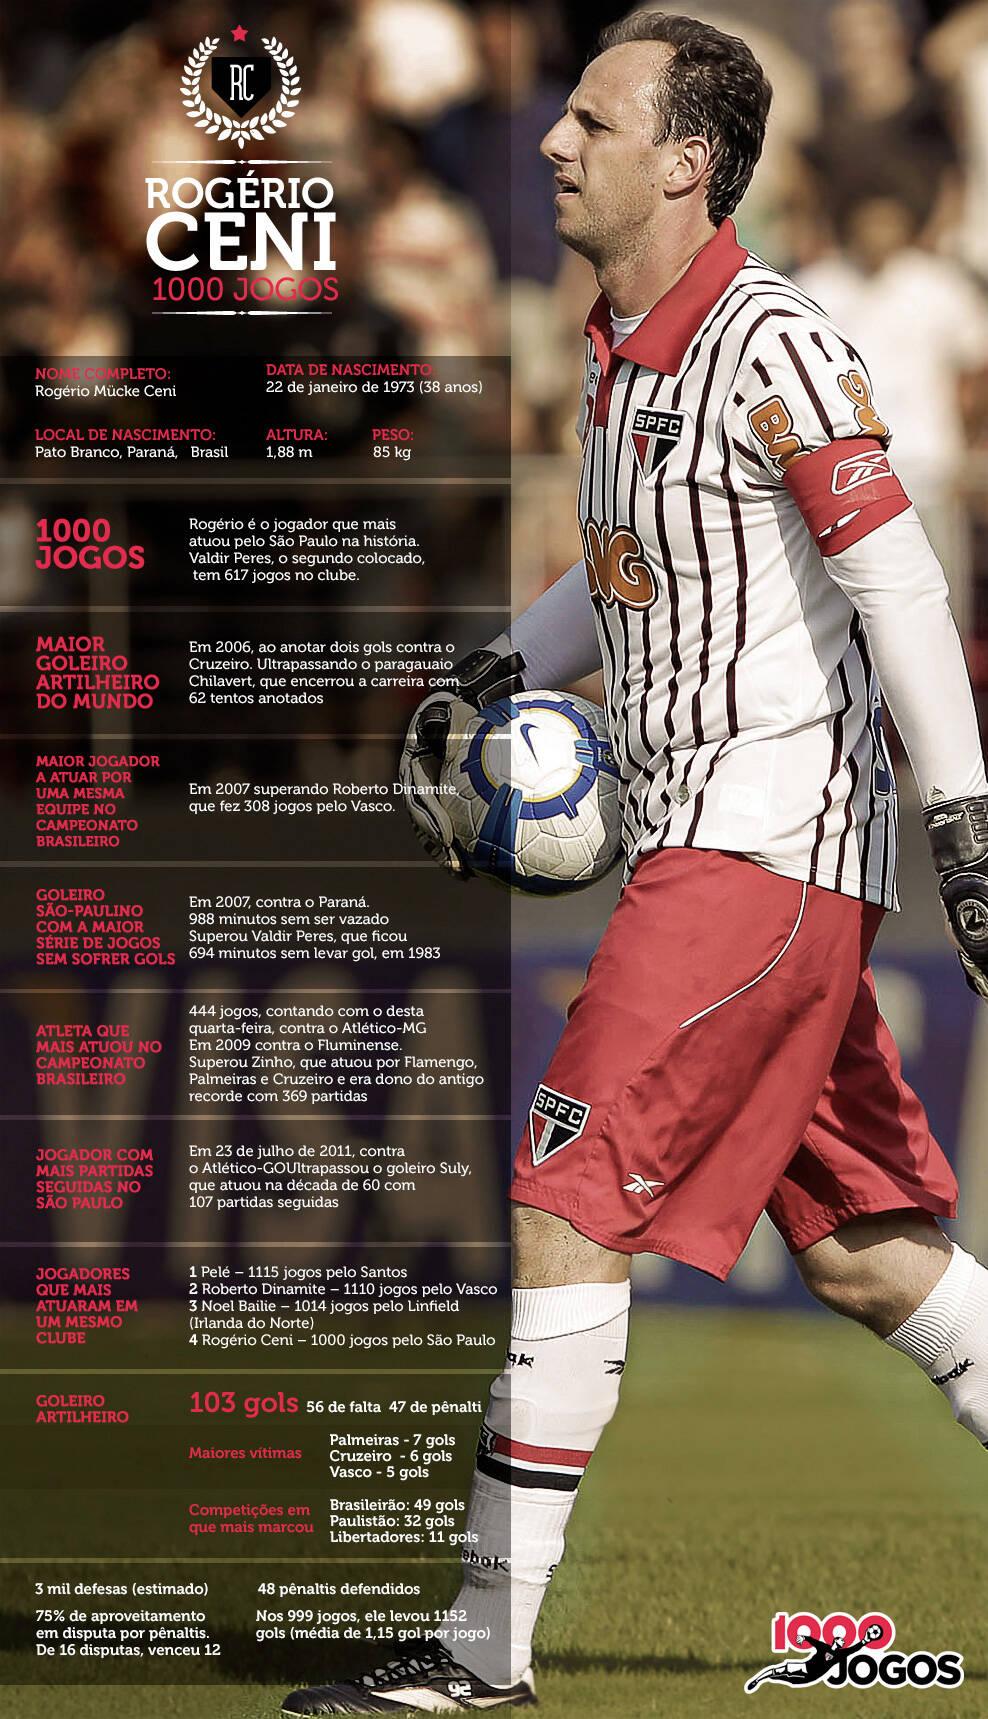 f75feca7bd Infográfico  Veja os números da carreira de Rogério Ceni - Futebol - iG